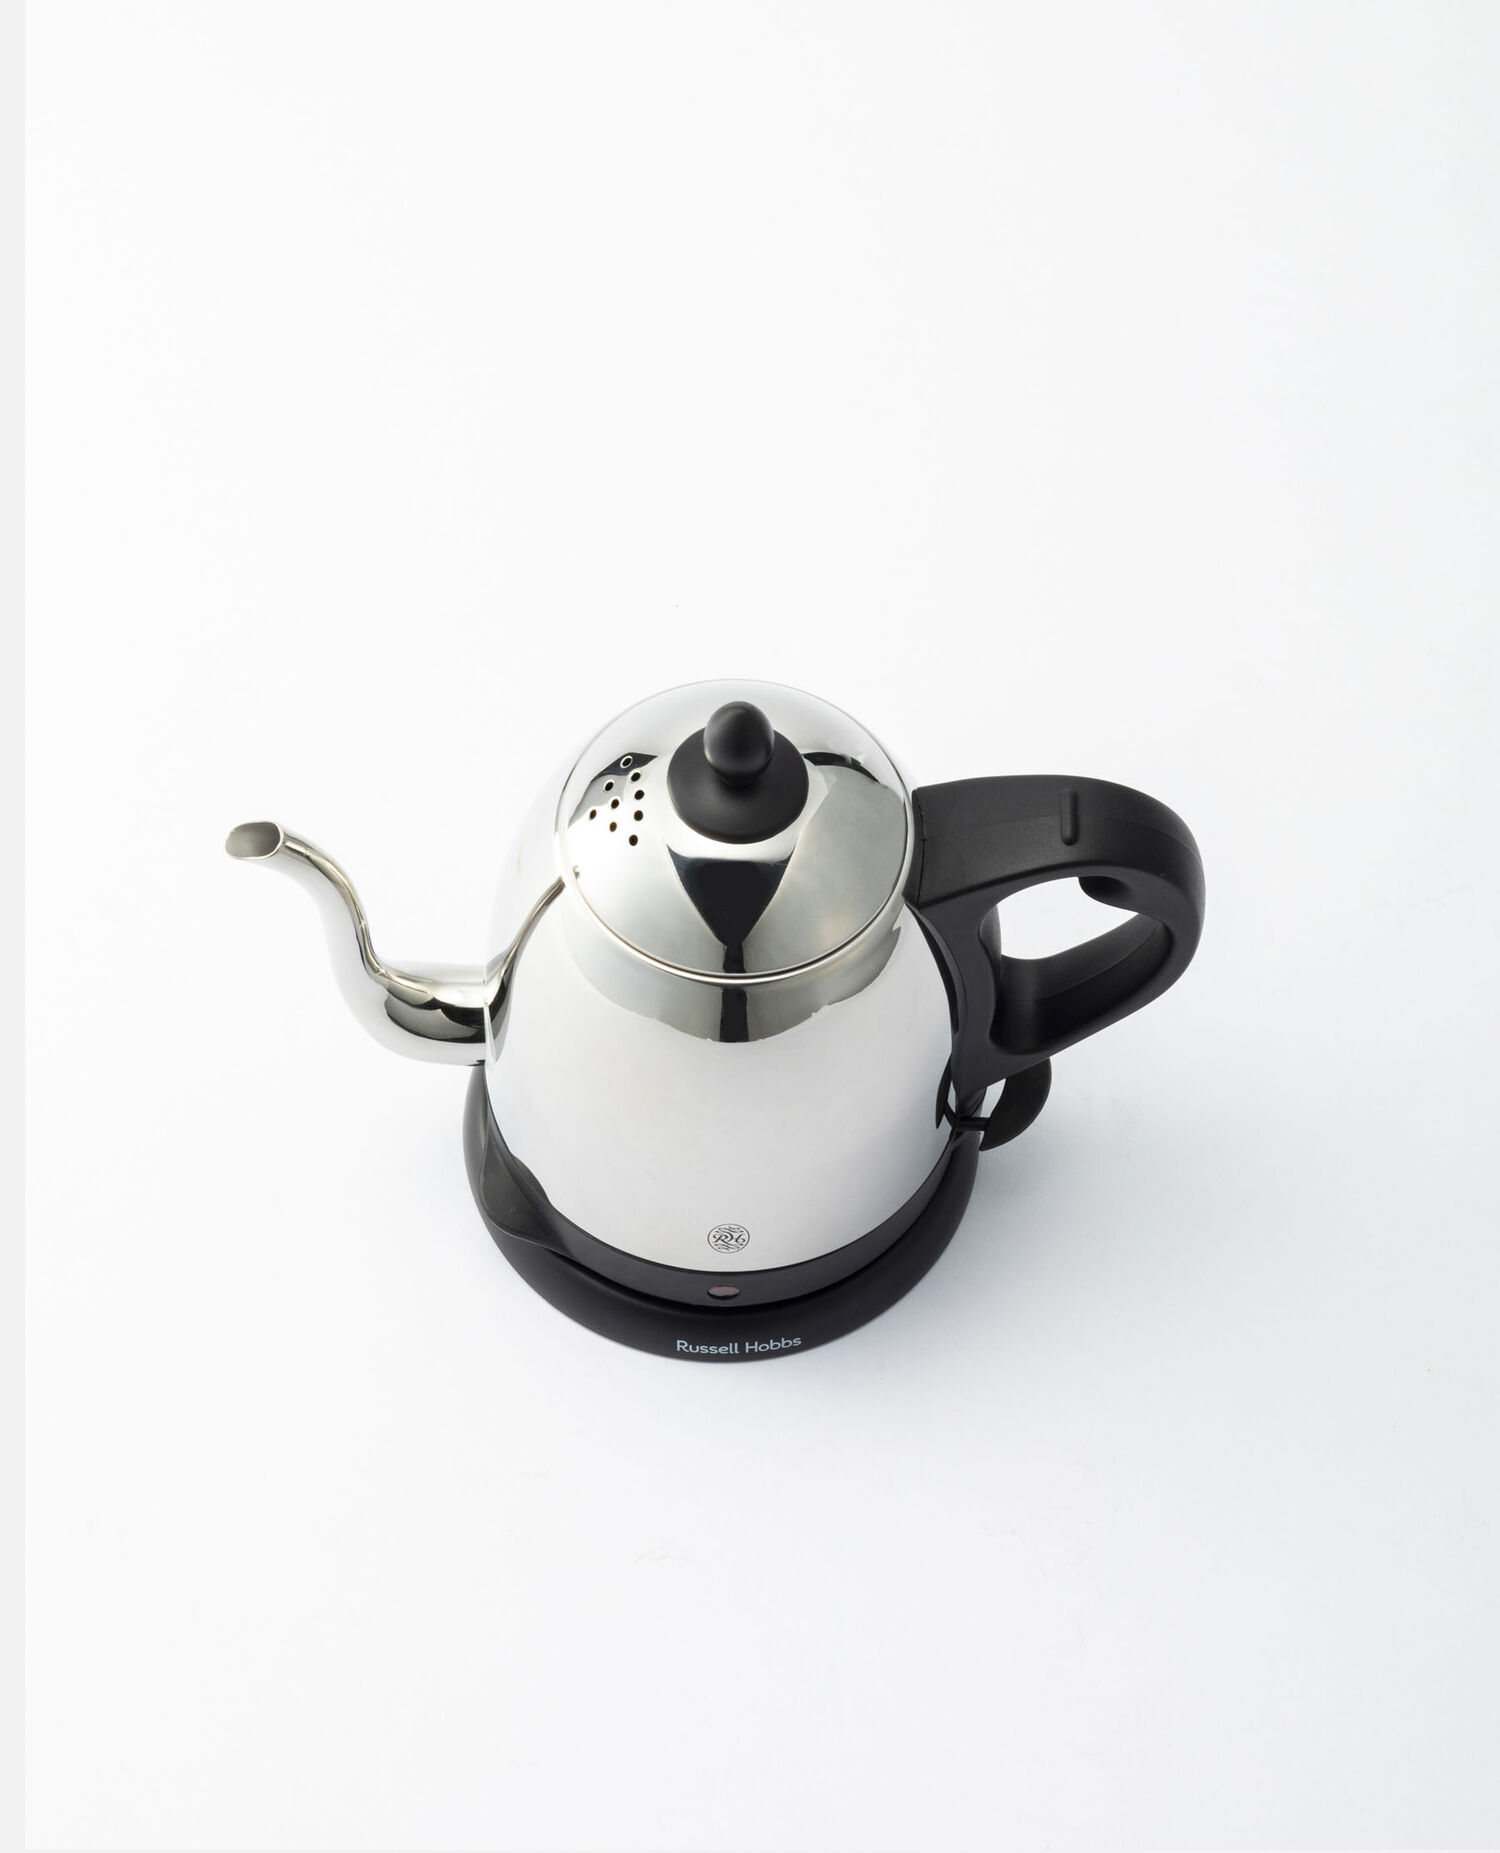 カフェケトル 0.8L